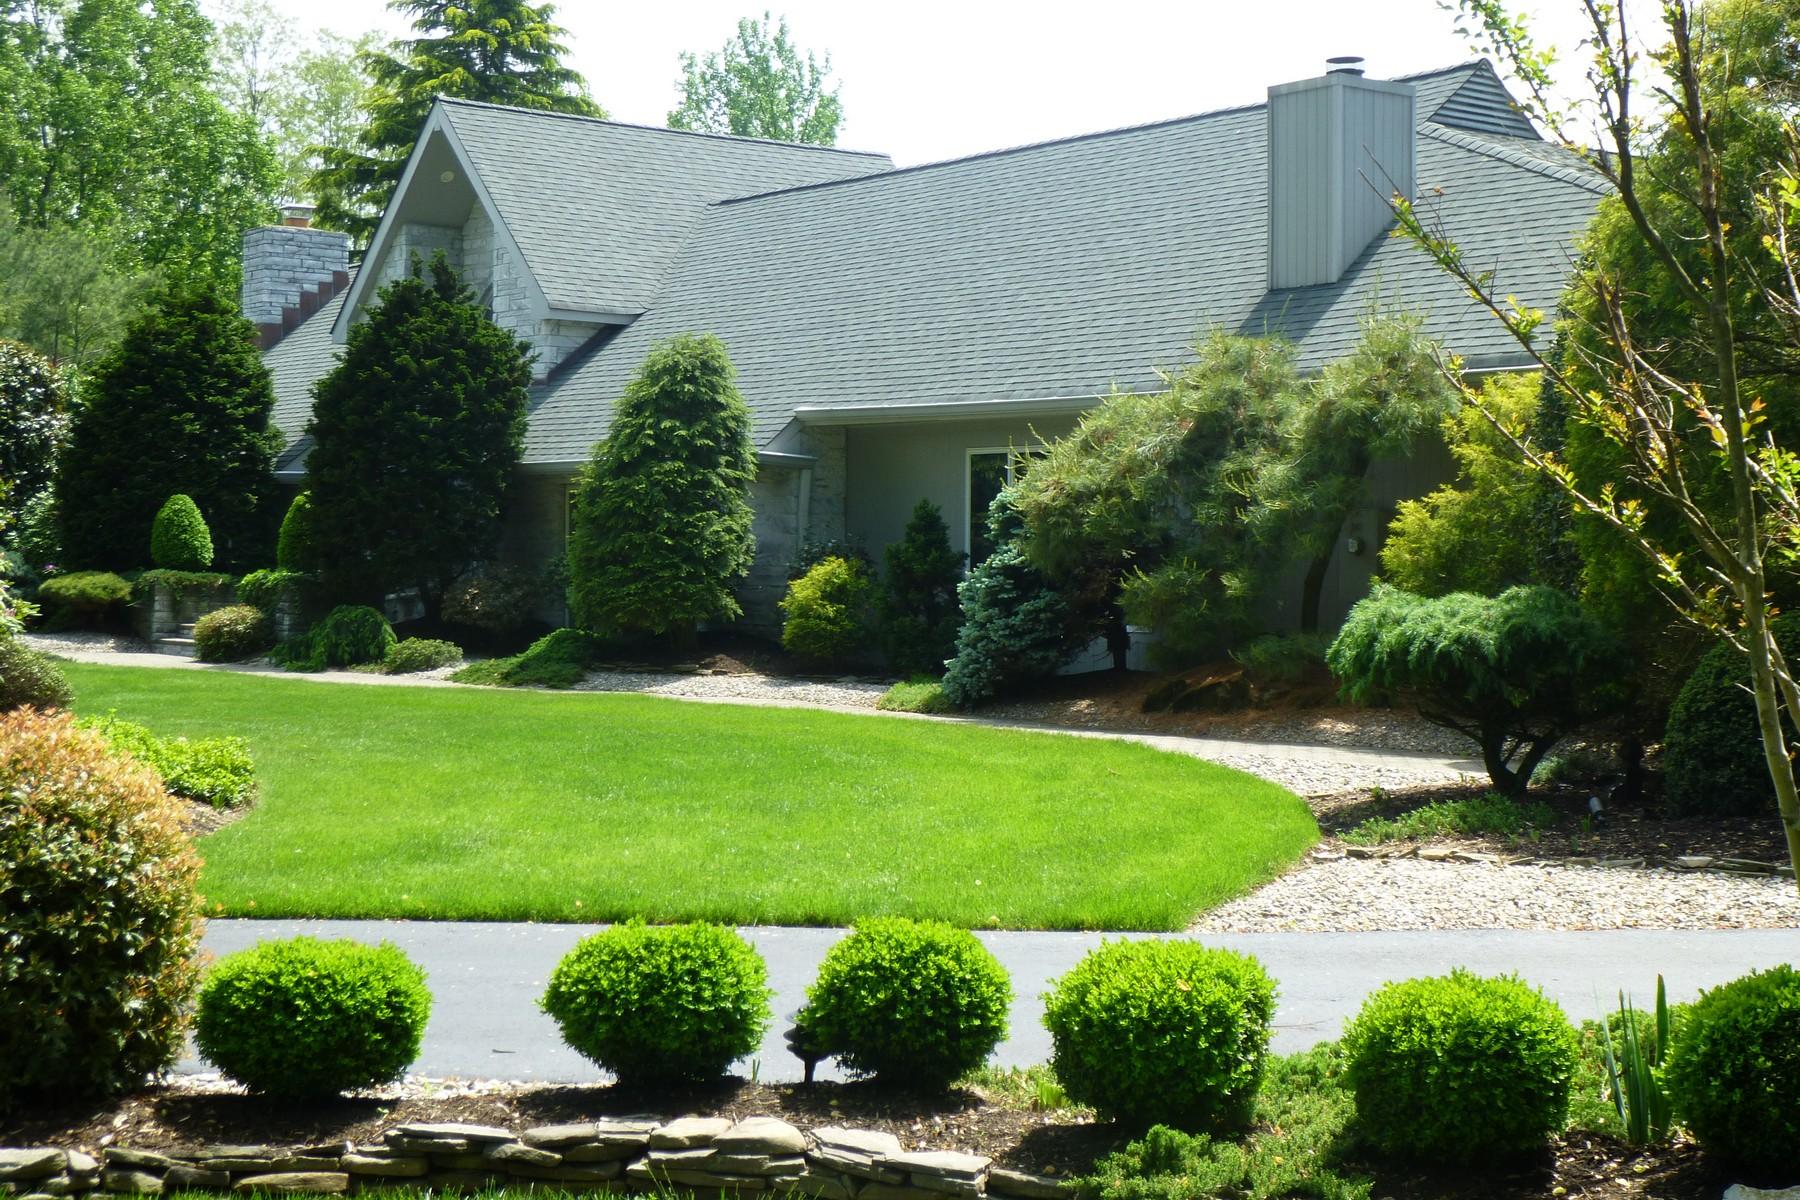 단독 가정 주택 용 매매 에 Imagine..The Perfect Home 97 N Mitchell Pl Little Silver, 뉴저지, 07739 미국